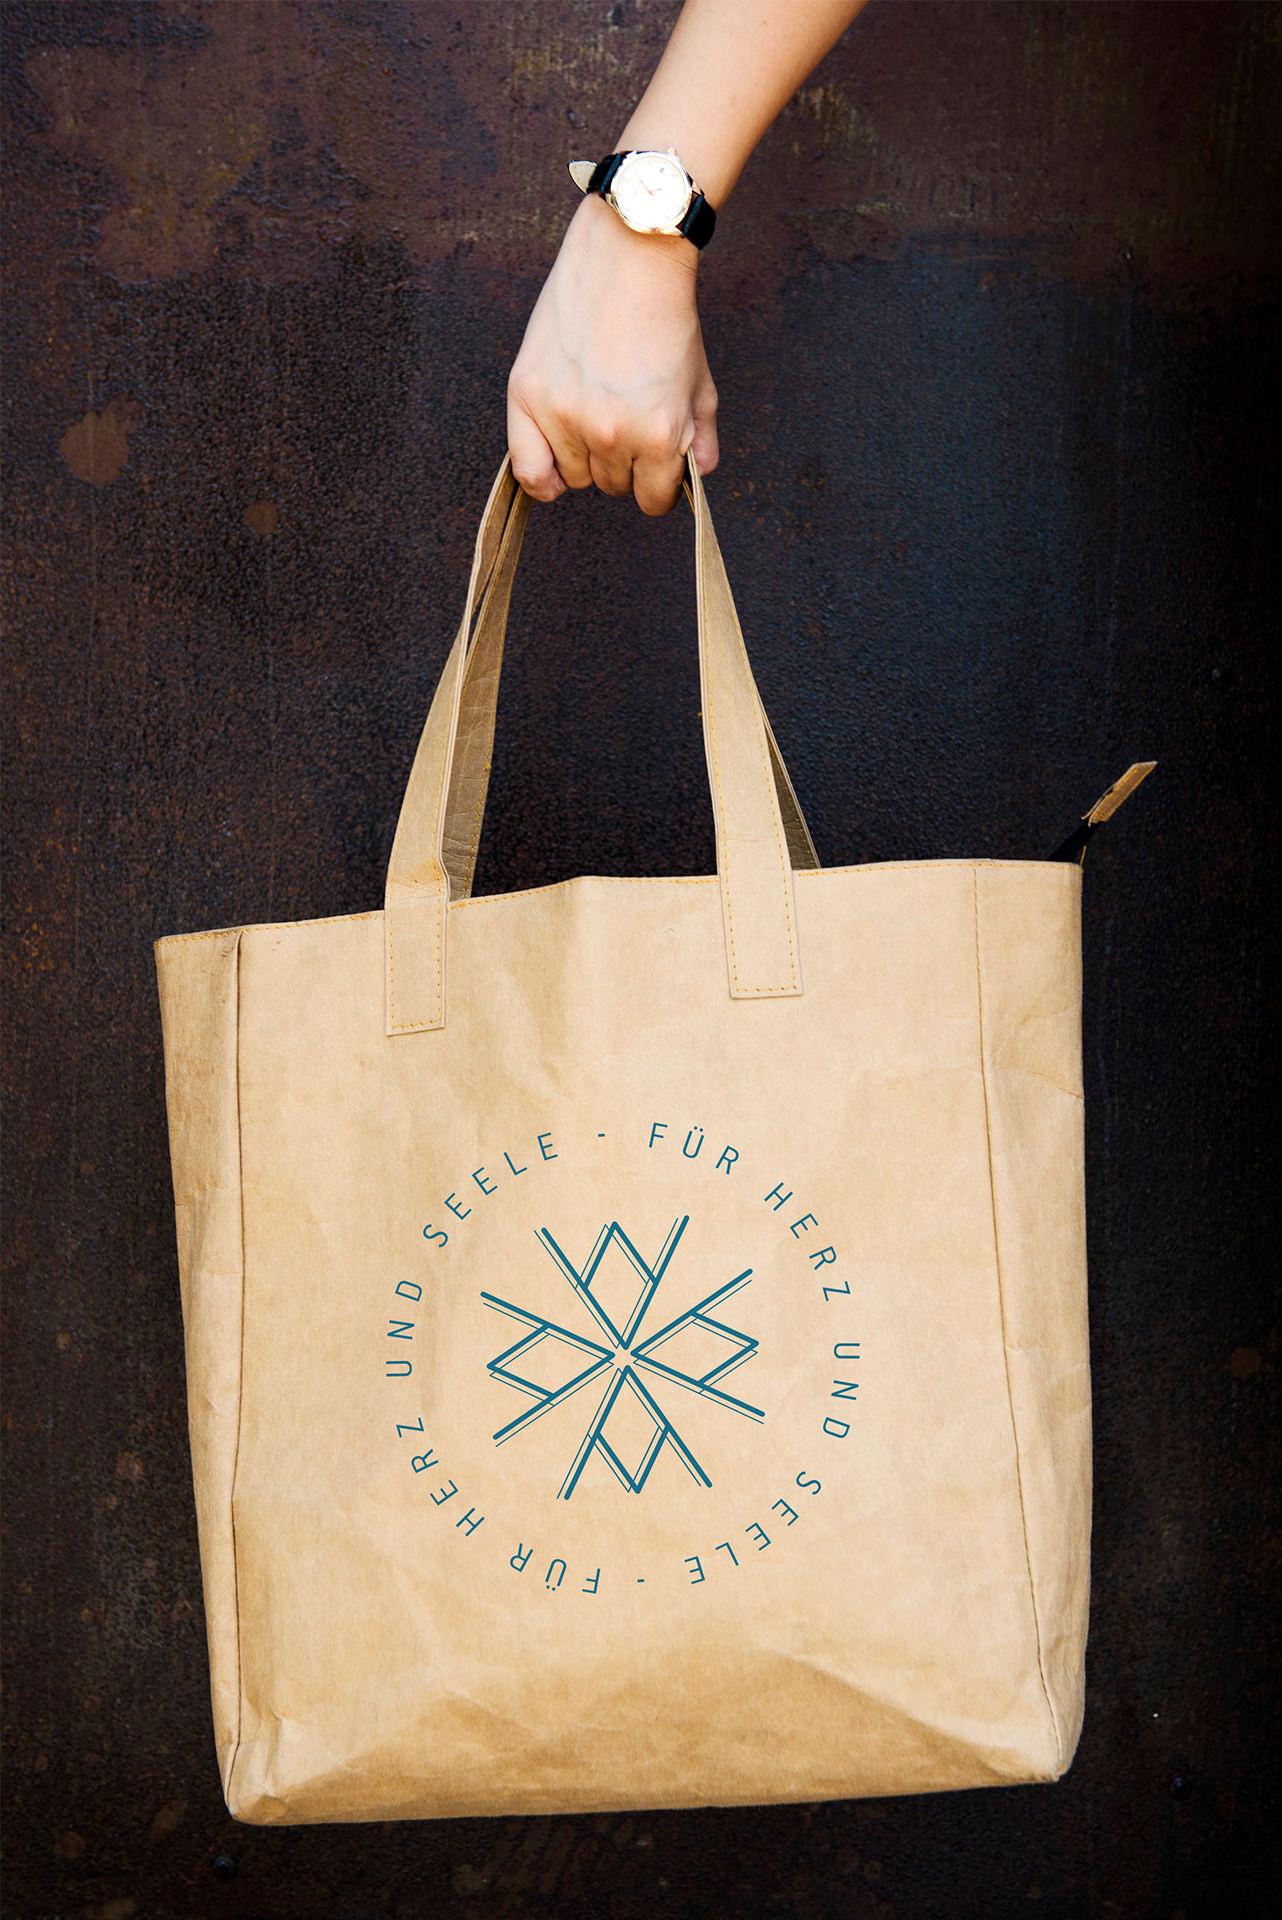 Frey und Meute - Ava and Green - logo tasche 1